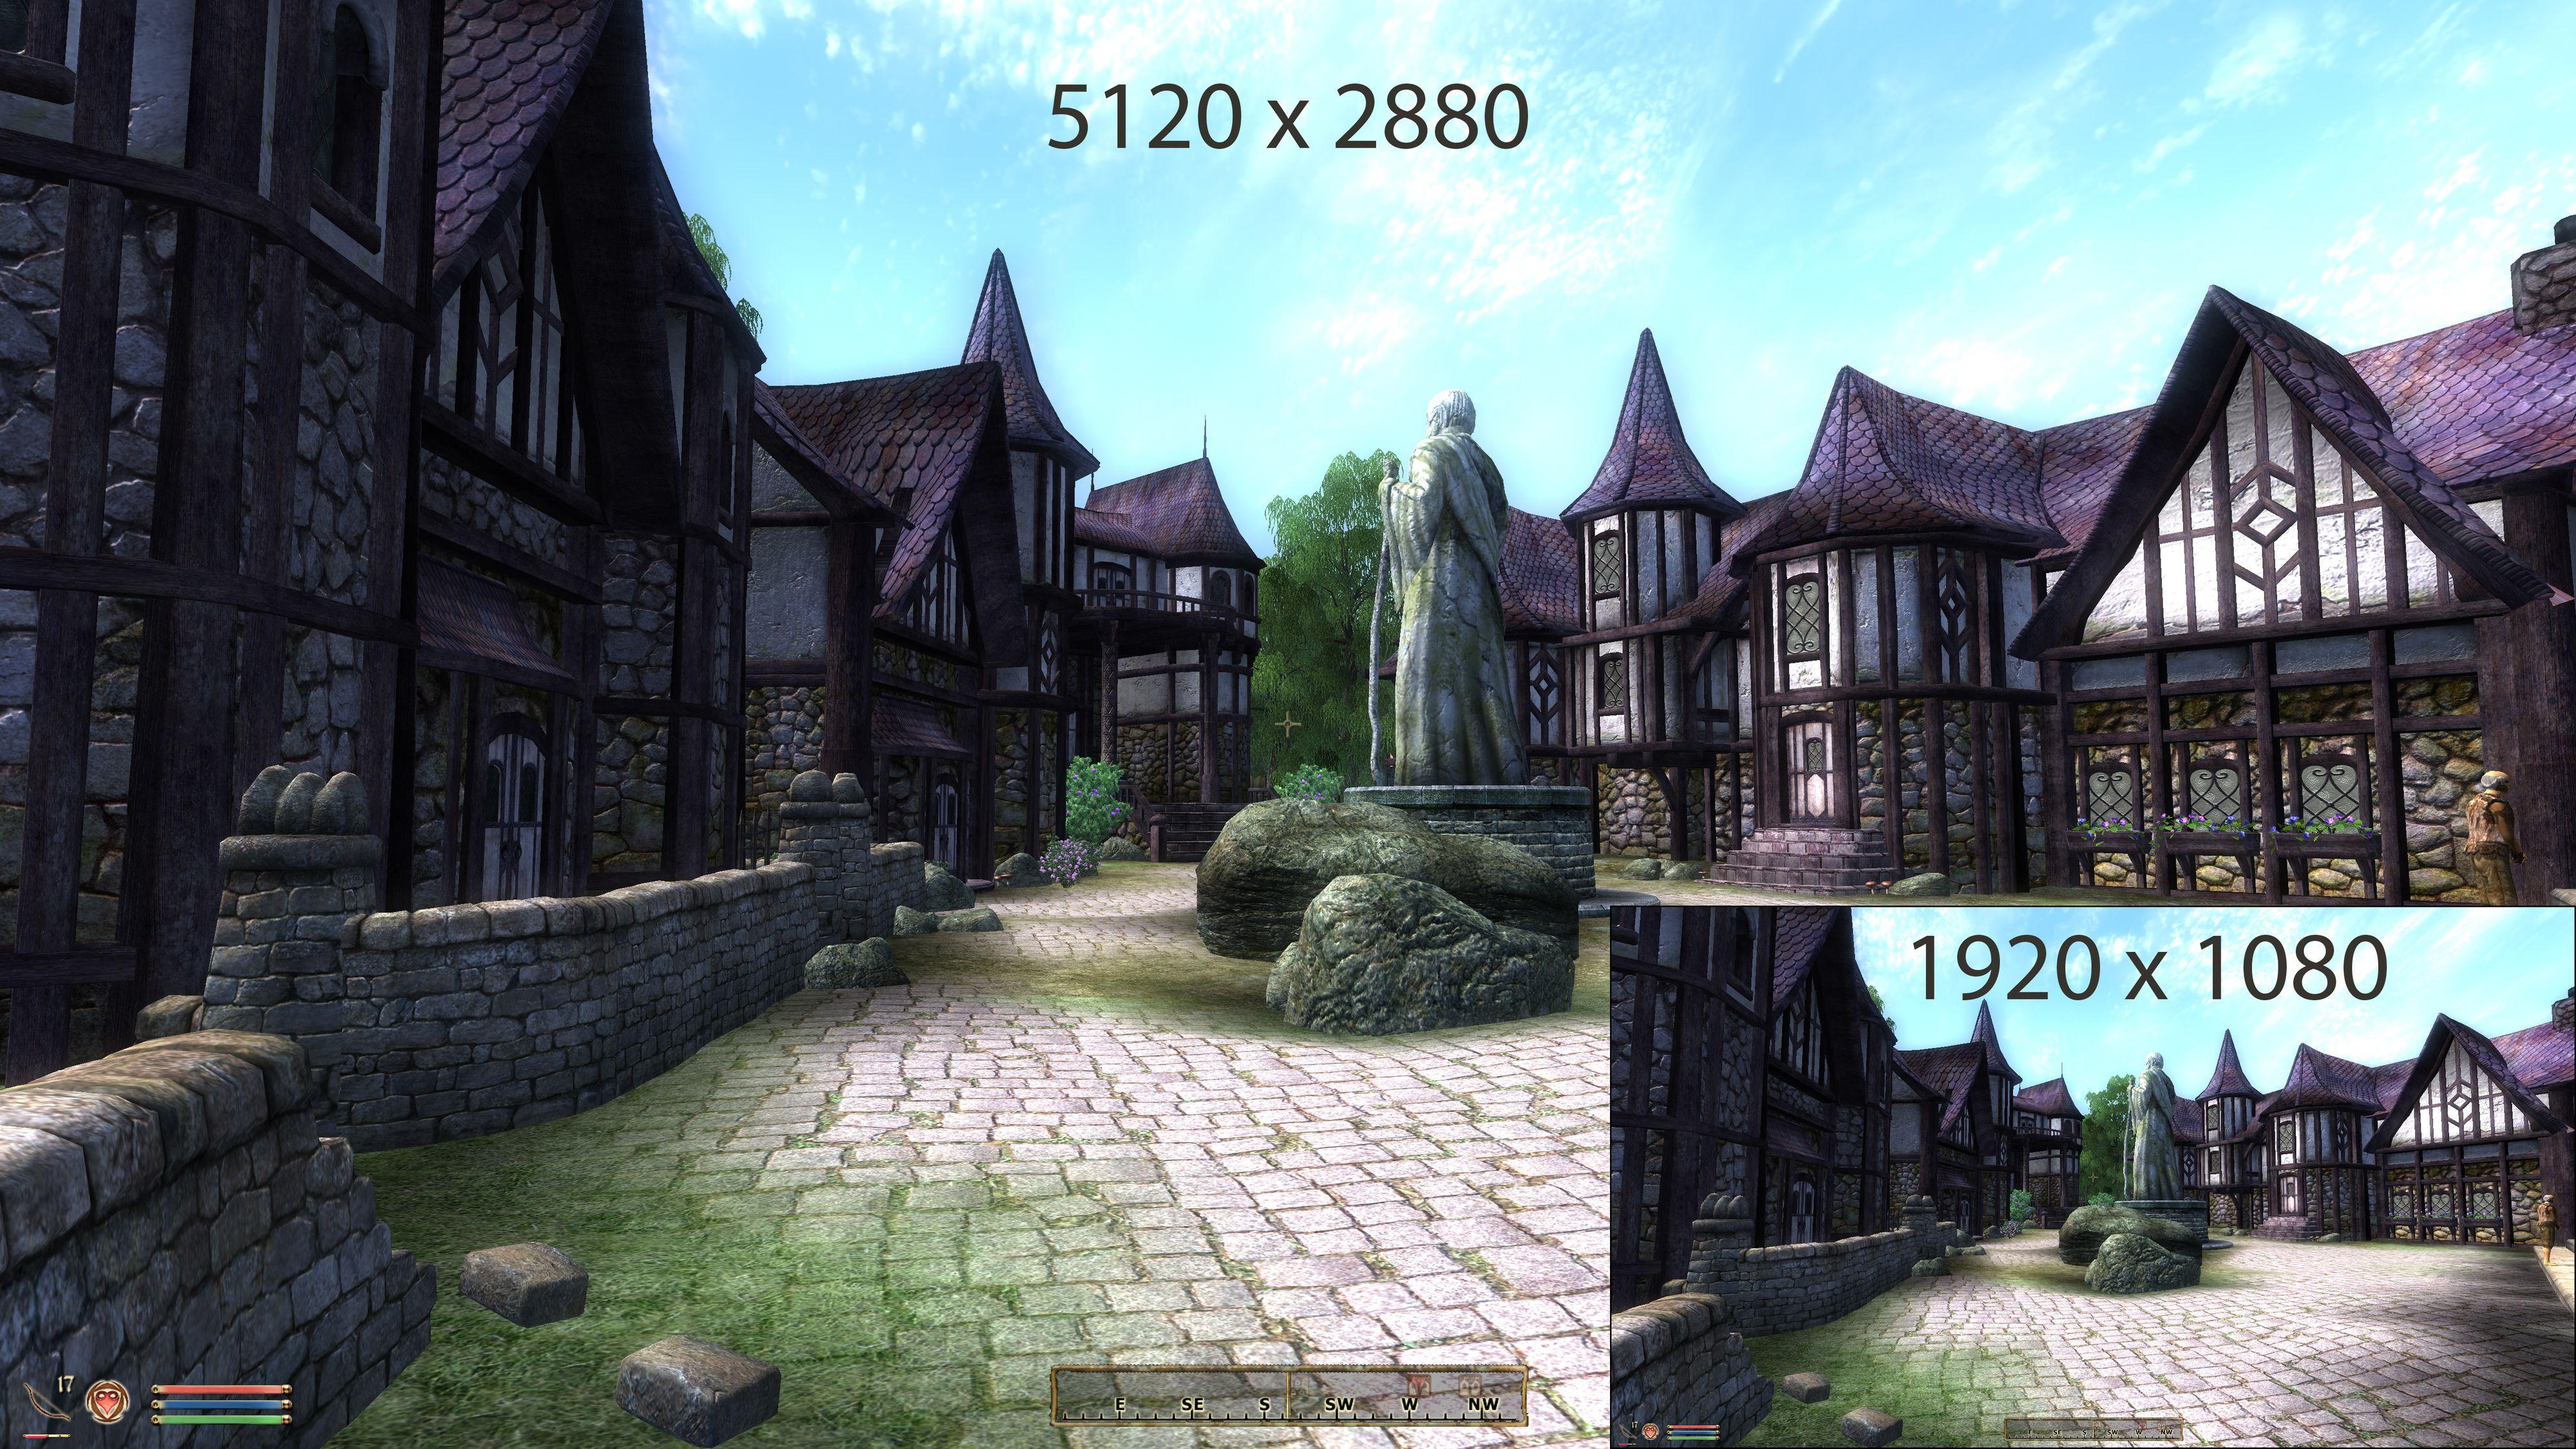 Selv om skjermen din eksempelvis bare støtter Full HD-oppløsning rendres bildet med DSR eller VSR i en langt høyere oppløsning, som her 5120 x 2880 piksler. Det gir langt høyere skarphet. Klikk for større versjon.